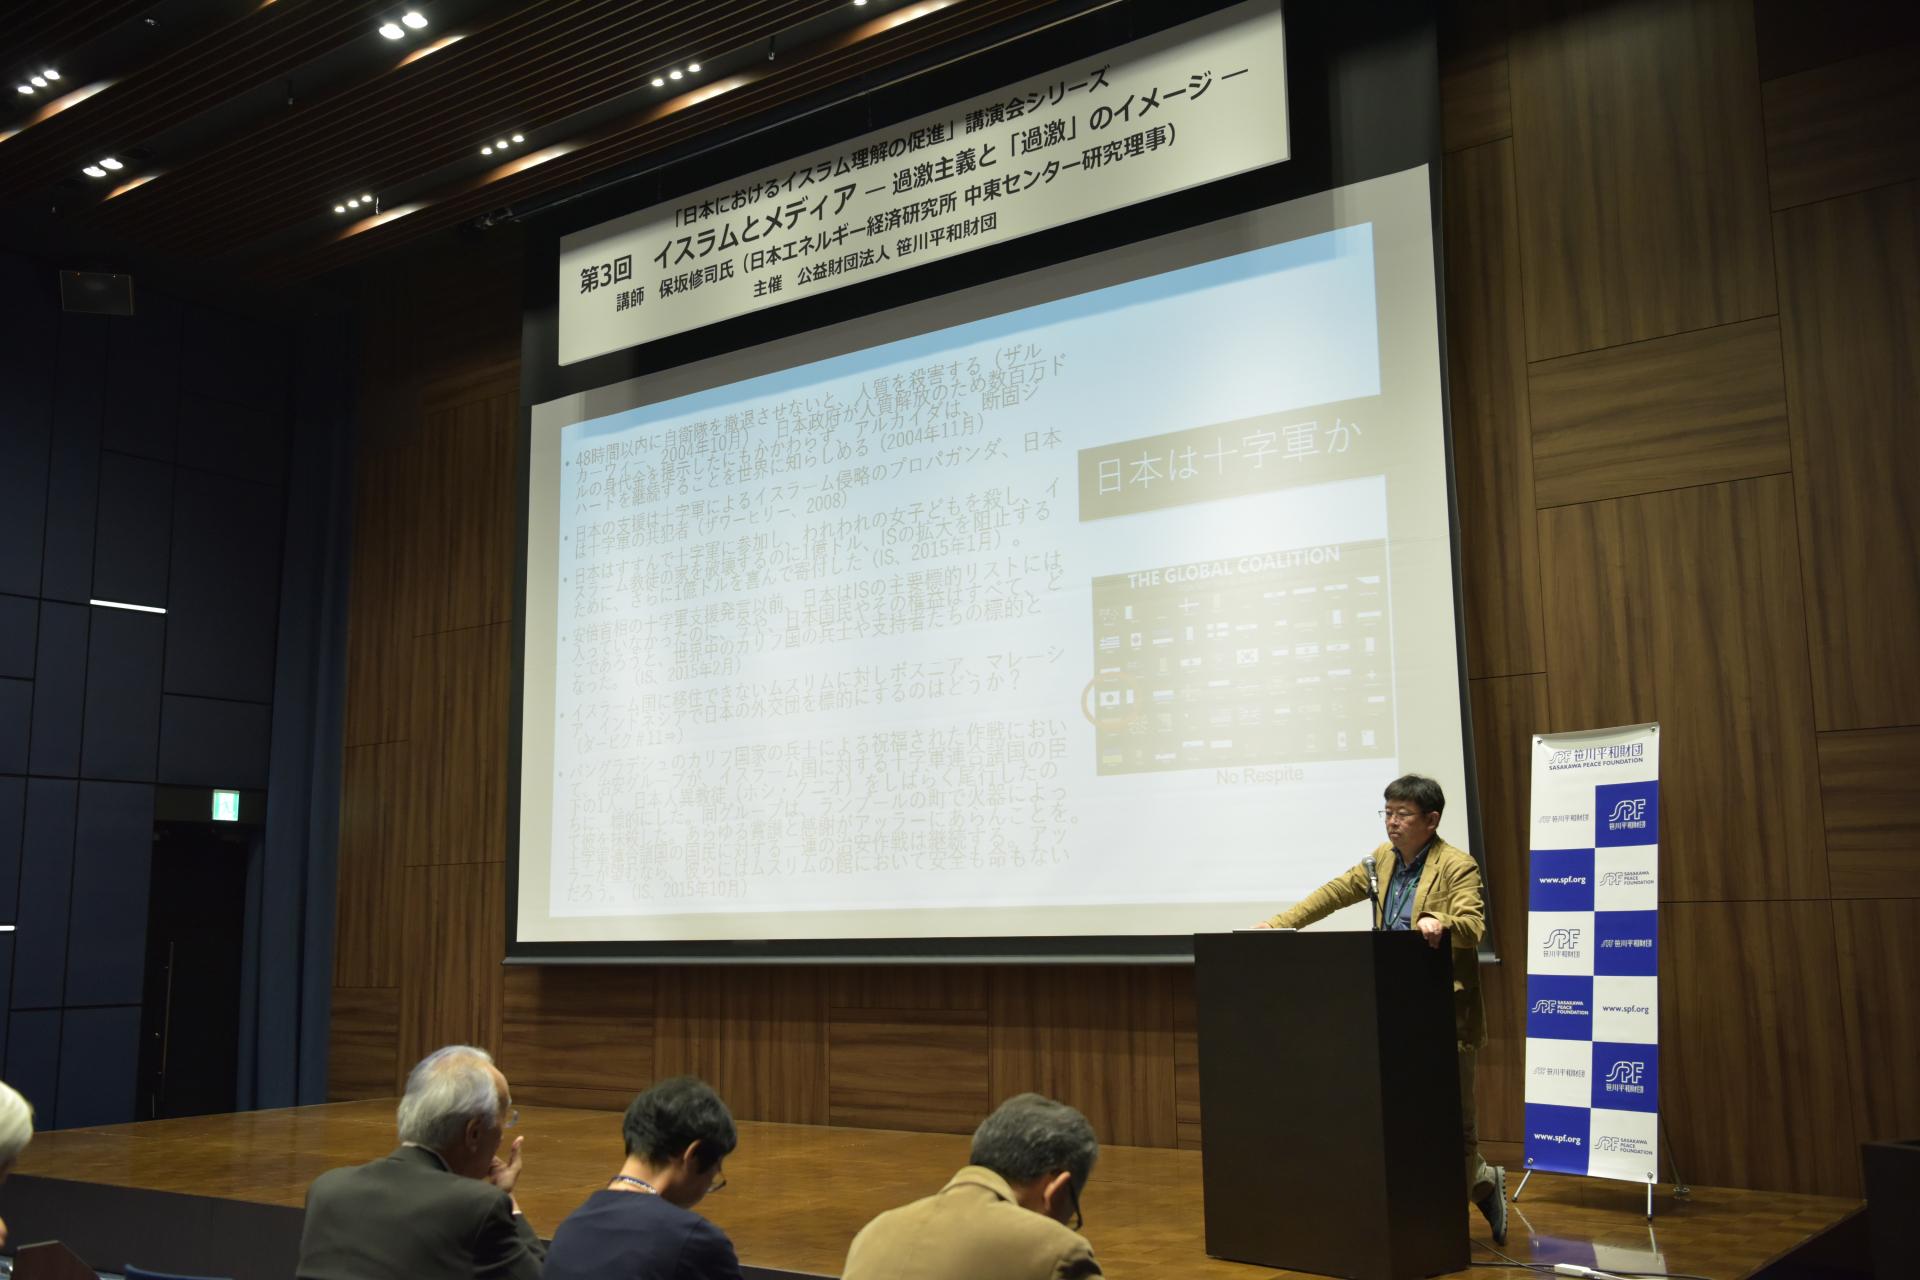 「日本におけるイスラム理解の促進」講演会シリーズ第3回「イスラムとメディア-過激主義と『過激』のイメージ-」